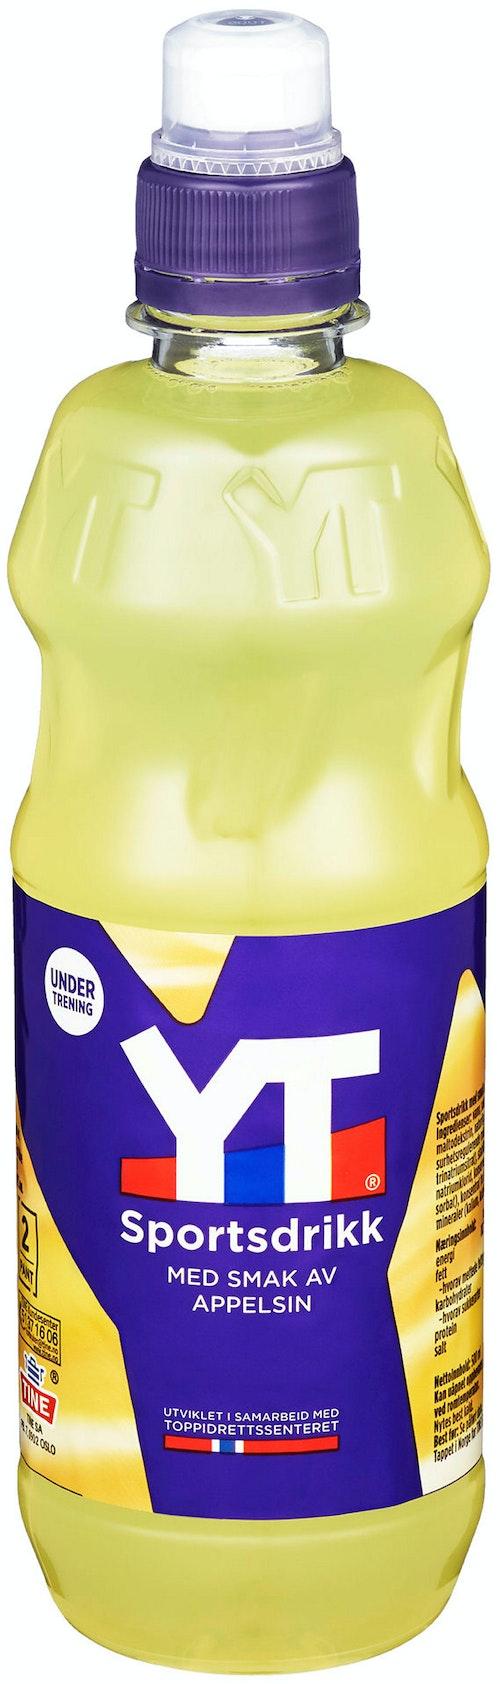 Tine YT Sportsdrikk Appelsin, 0,5 l